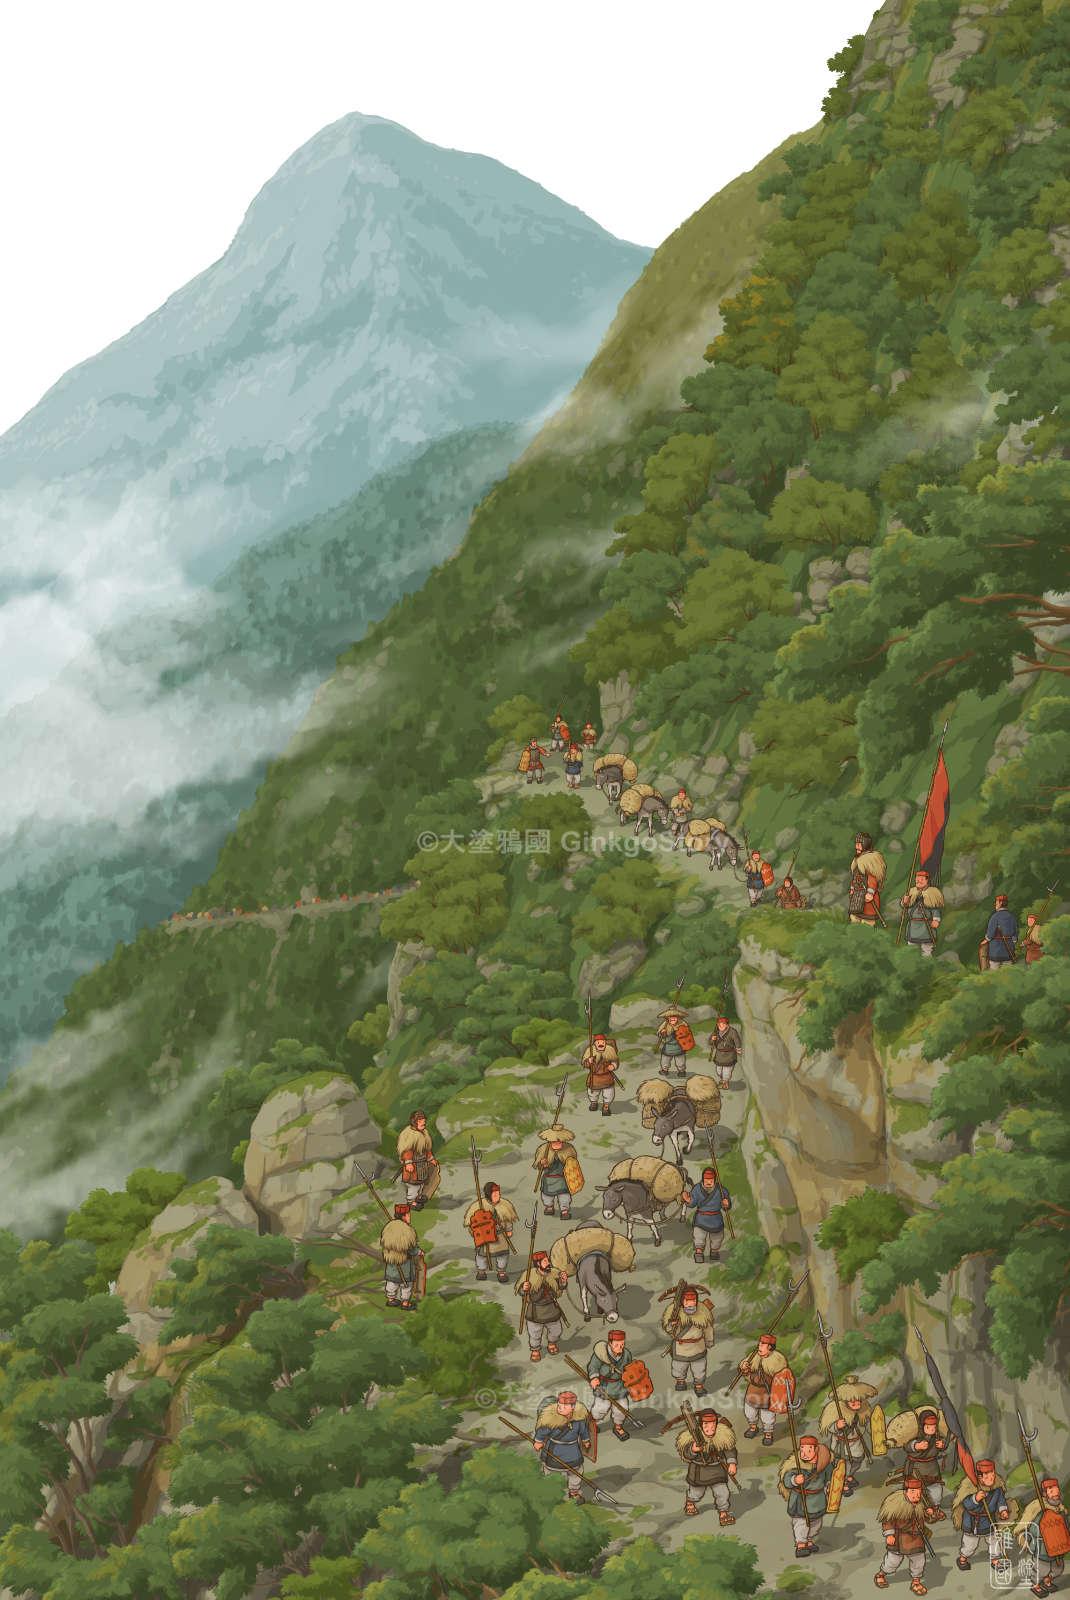 Three Kingdoms: Shu Army marching